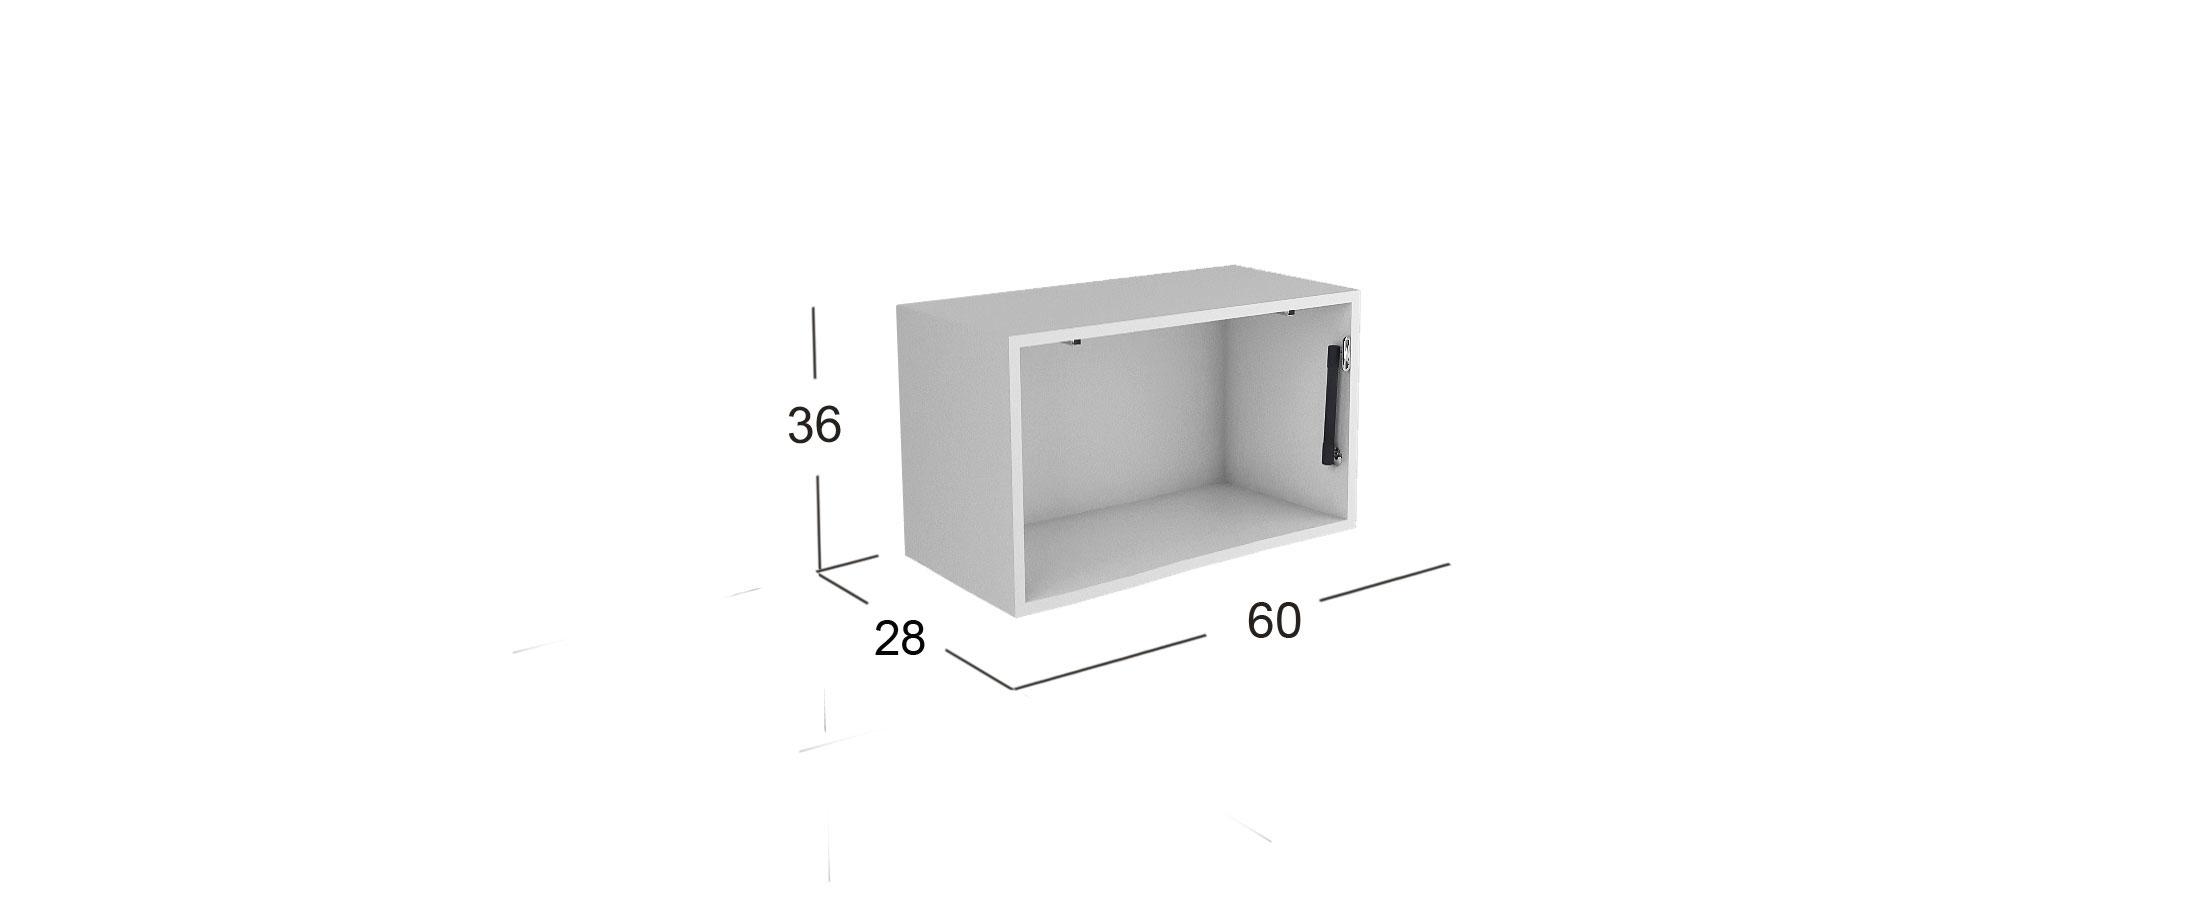 Шкаф навесной Страйп Модель 703Шкаф навесной шириной 60 см Страйп Модель 703. Артикул Д000302. Быстрая доставка, вынос упаковки, гарантия! Выгодная покупка!<br><br>Ширина см: 60<br>Глубина см: 30<br>Высота см: 36<br>Материал фасада: МДФ<br>Цвет корпуса: Белый<br>Цвет фасада: Страйп белый<br>Материал корпуса: ЛДСП